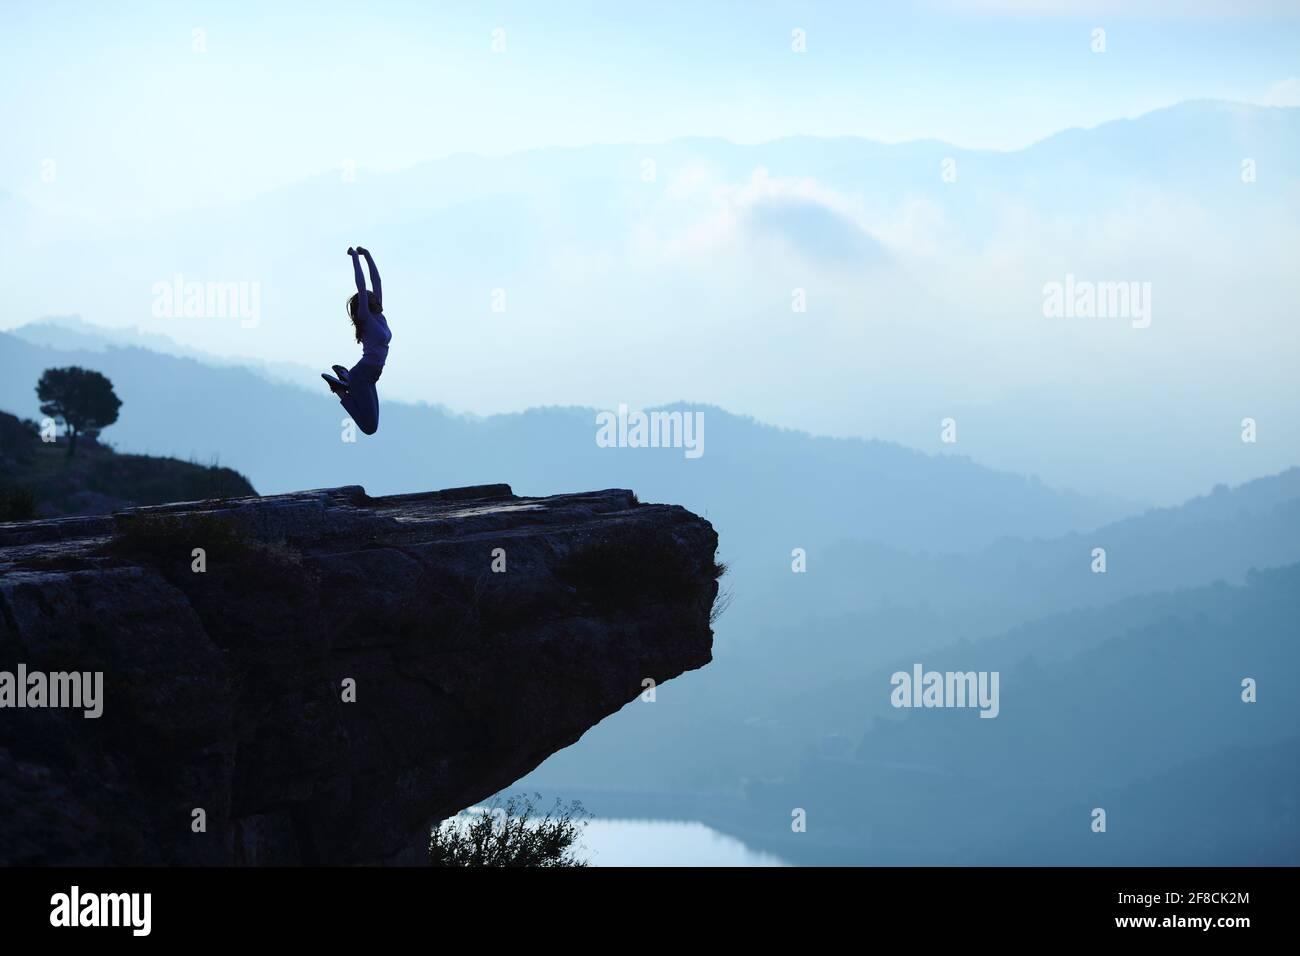 Ritratto retroilluminato di una silhouette donna che salta in alto di una scogliera sul paesaggio blu Foto Stock